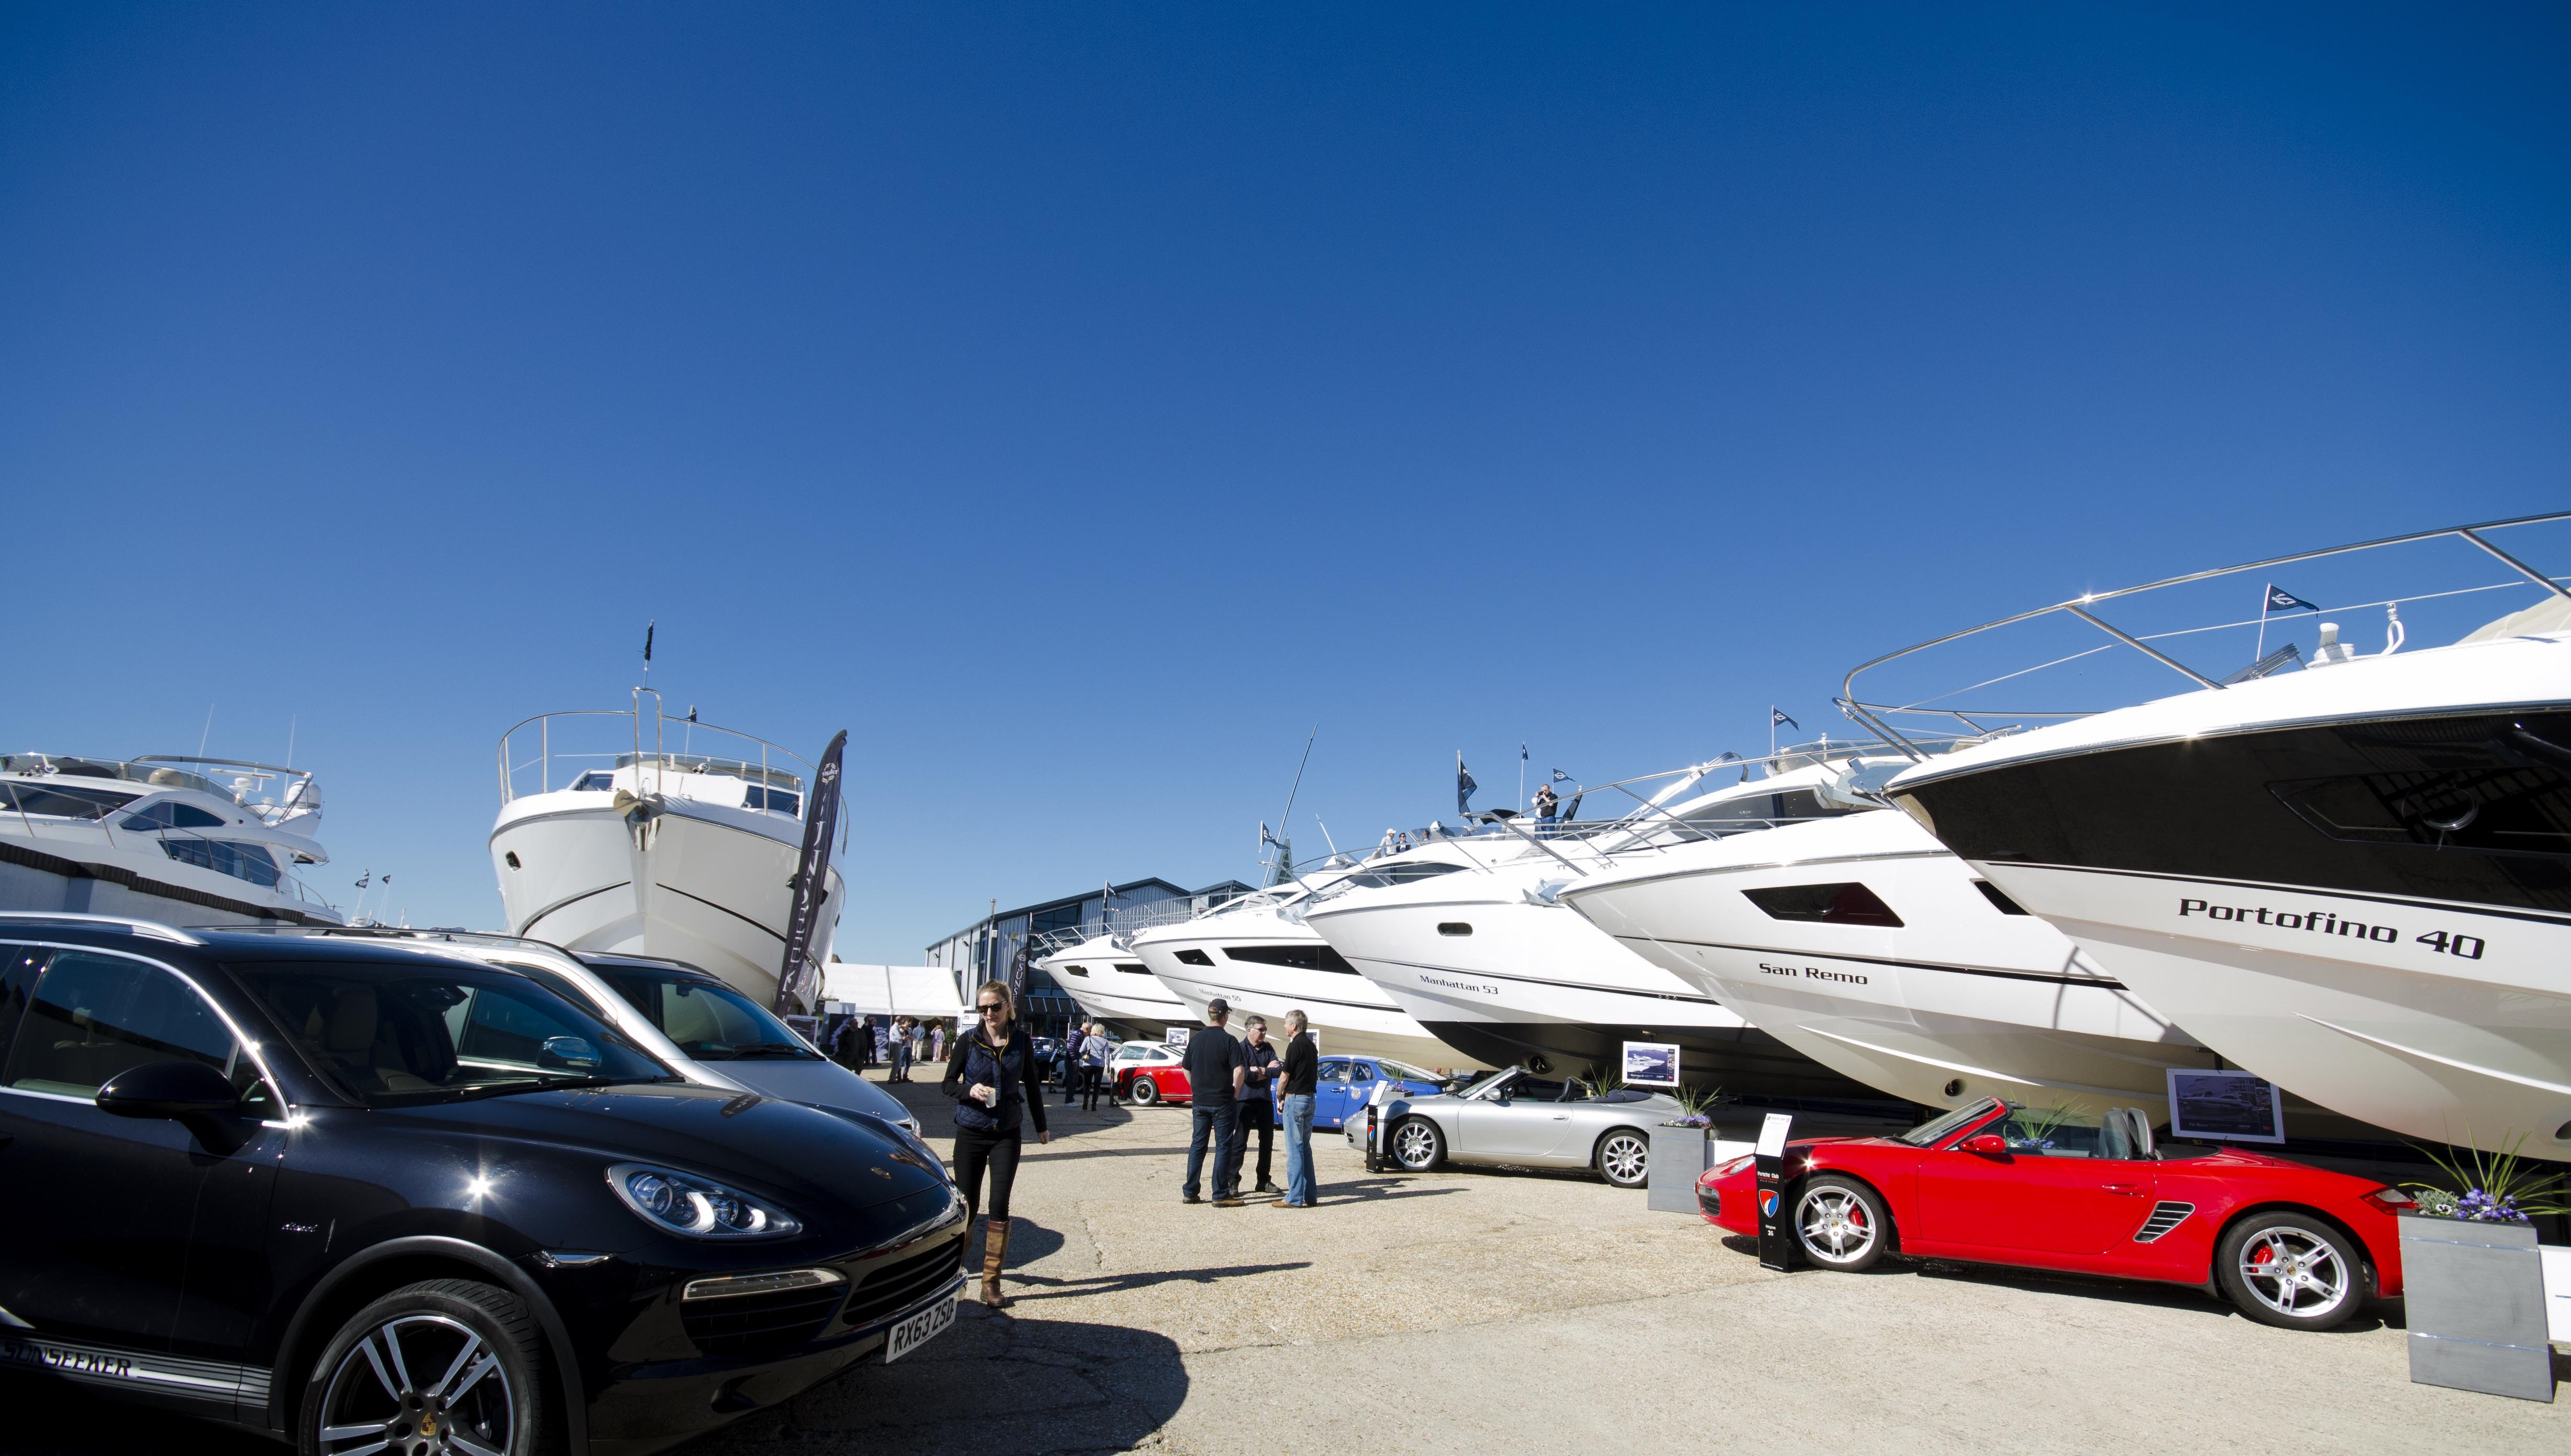 sunseeker yachts at sunseeker boat show